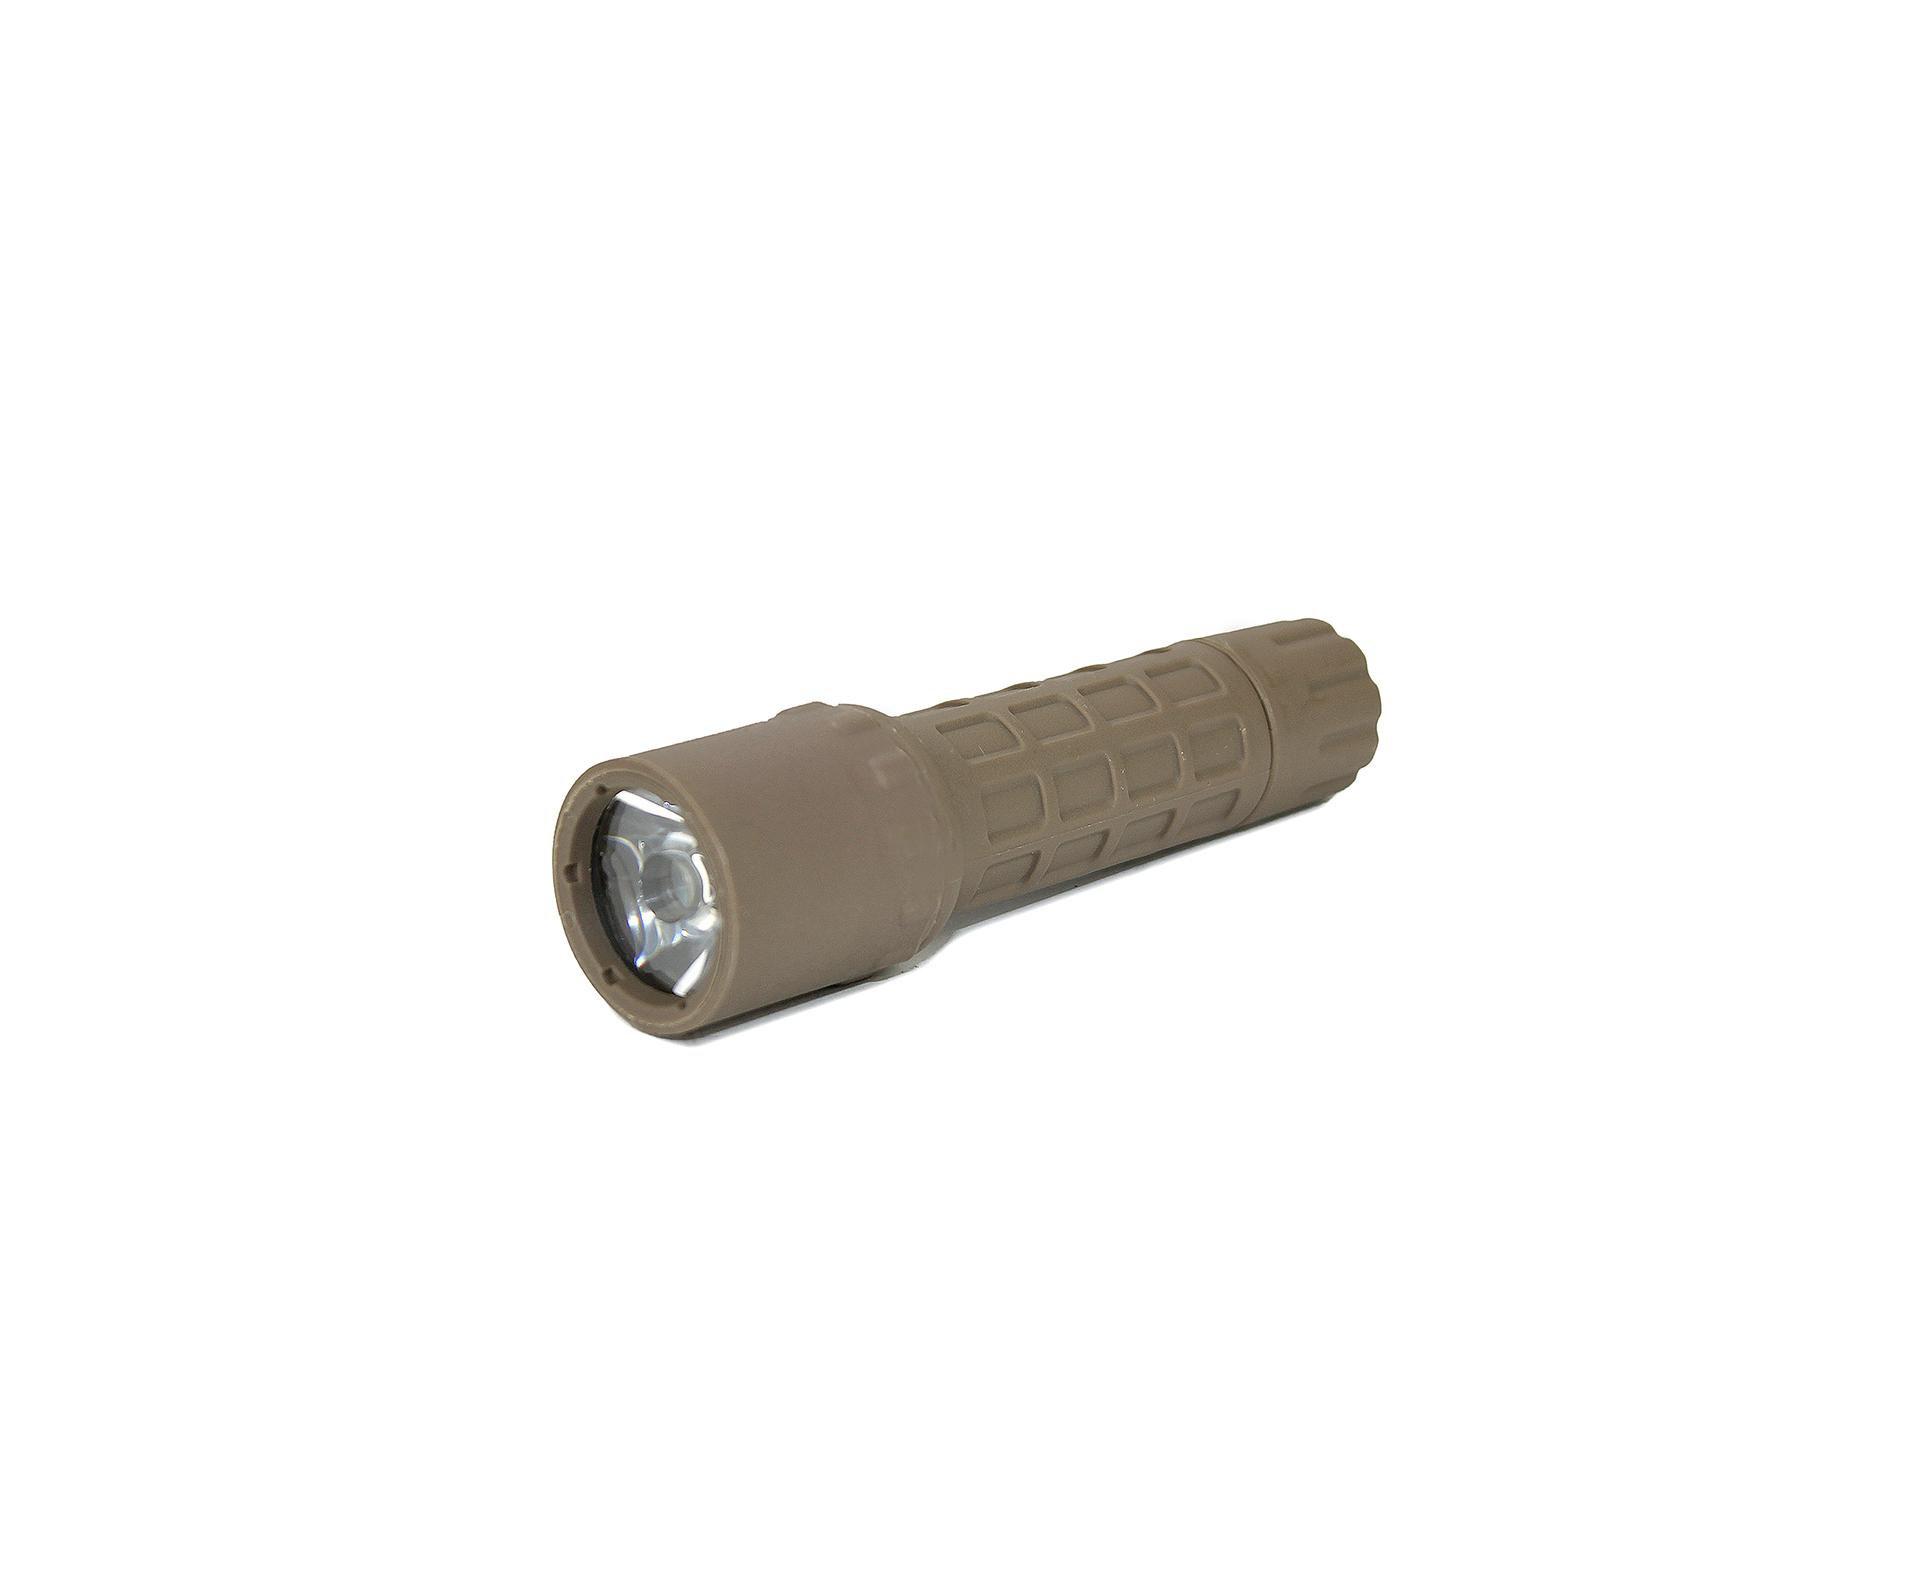 Lanterna Tática Compacta Desert - Fma